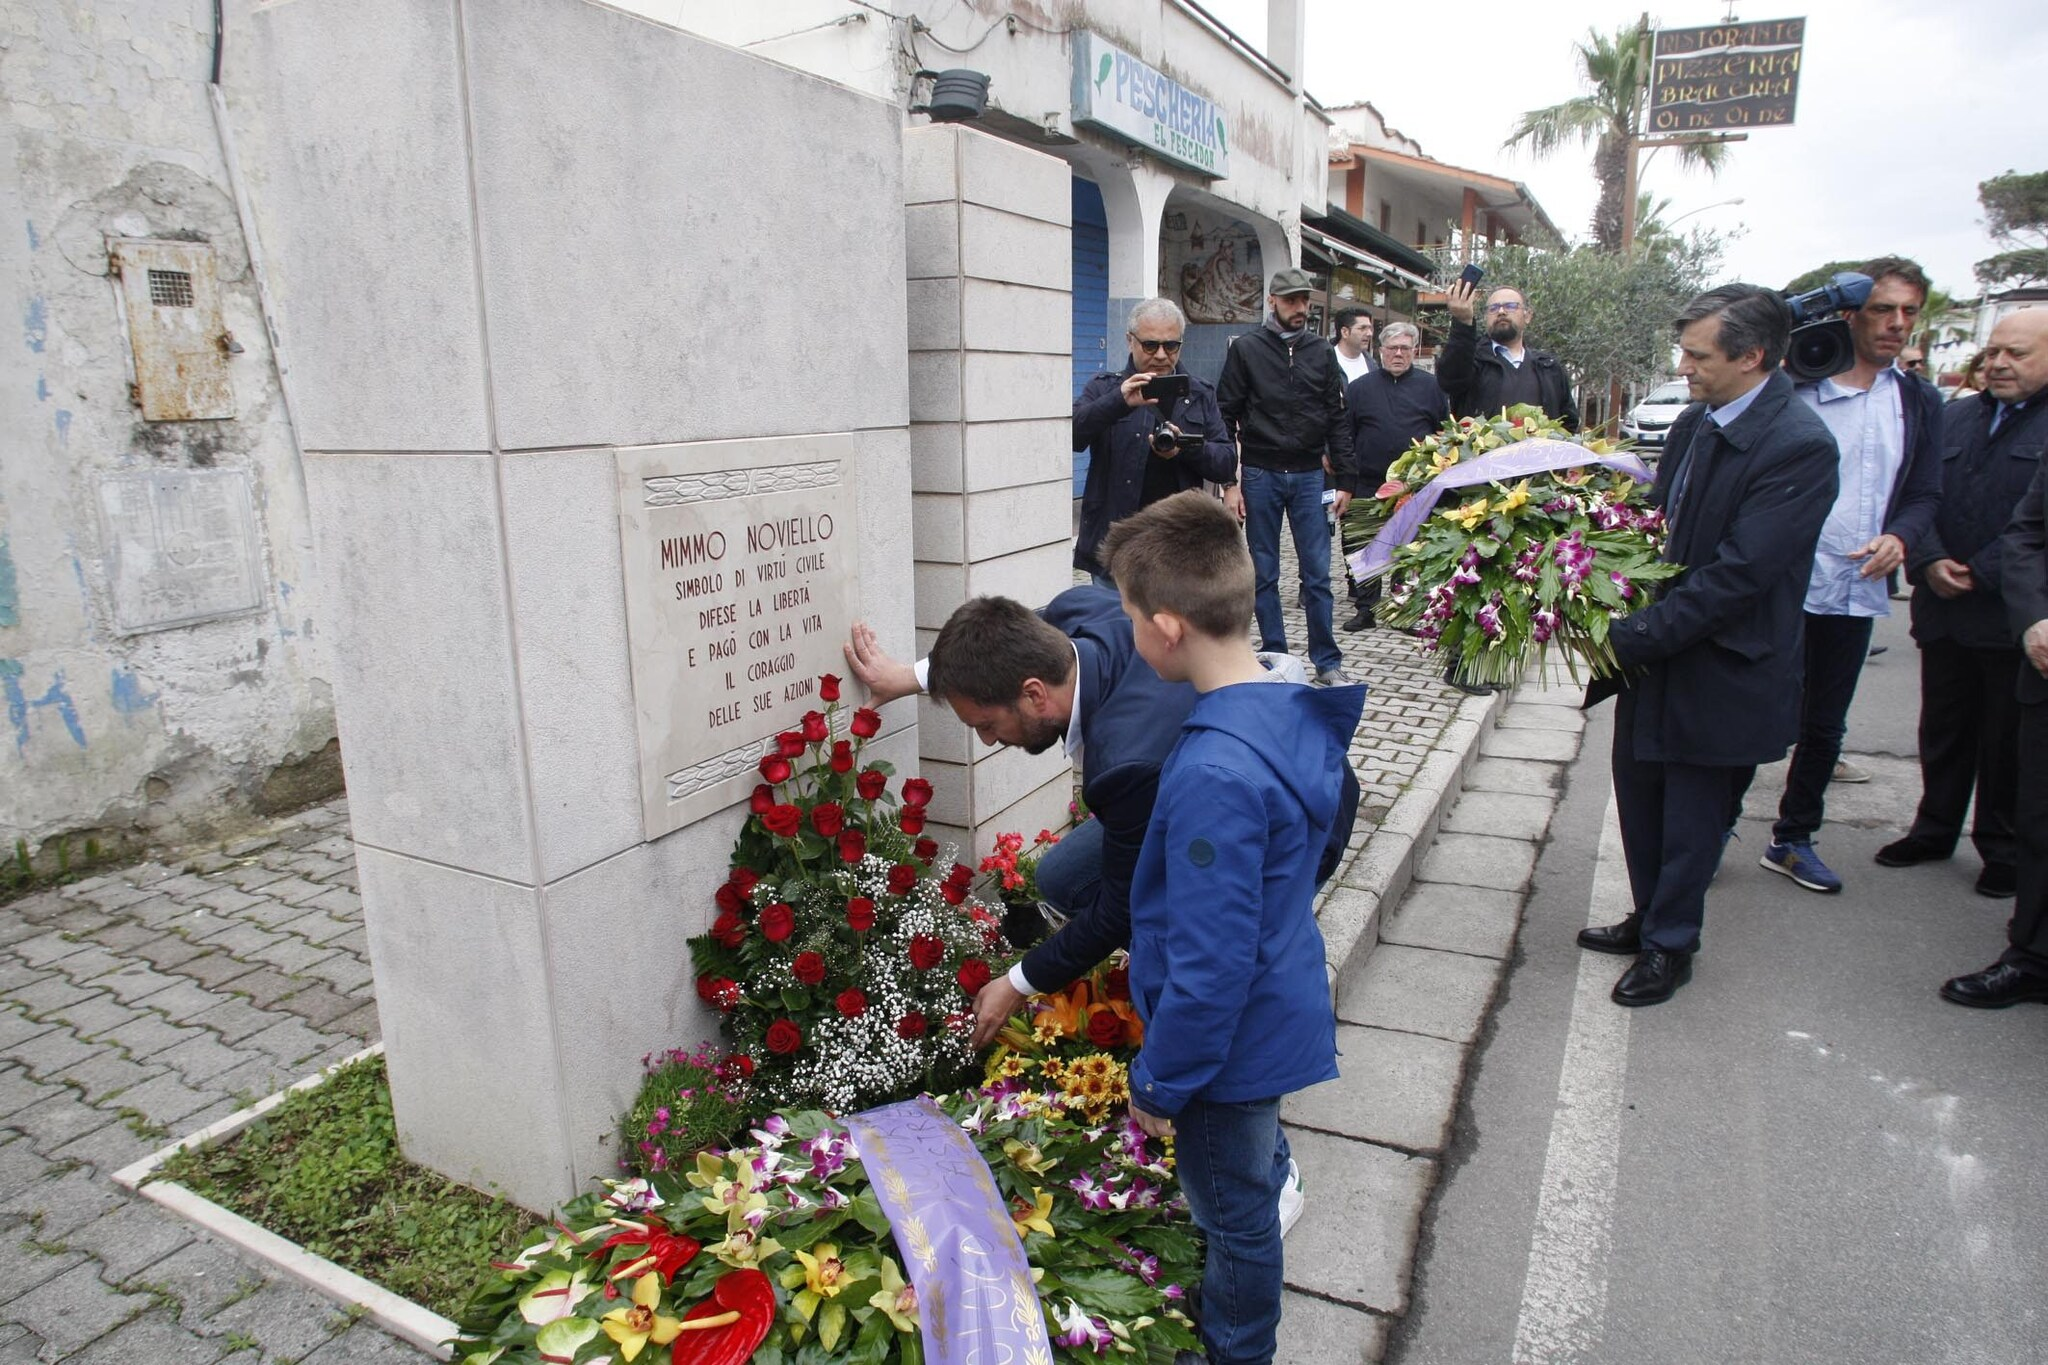 Il monumento che ricorda la morte di Mimmo Noviello il 16 maggio 2008